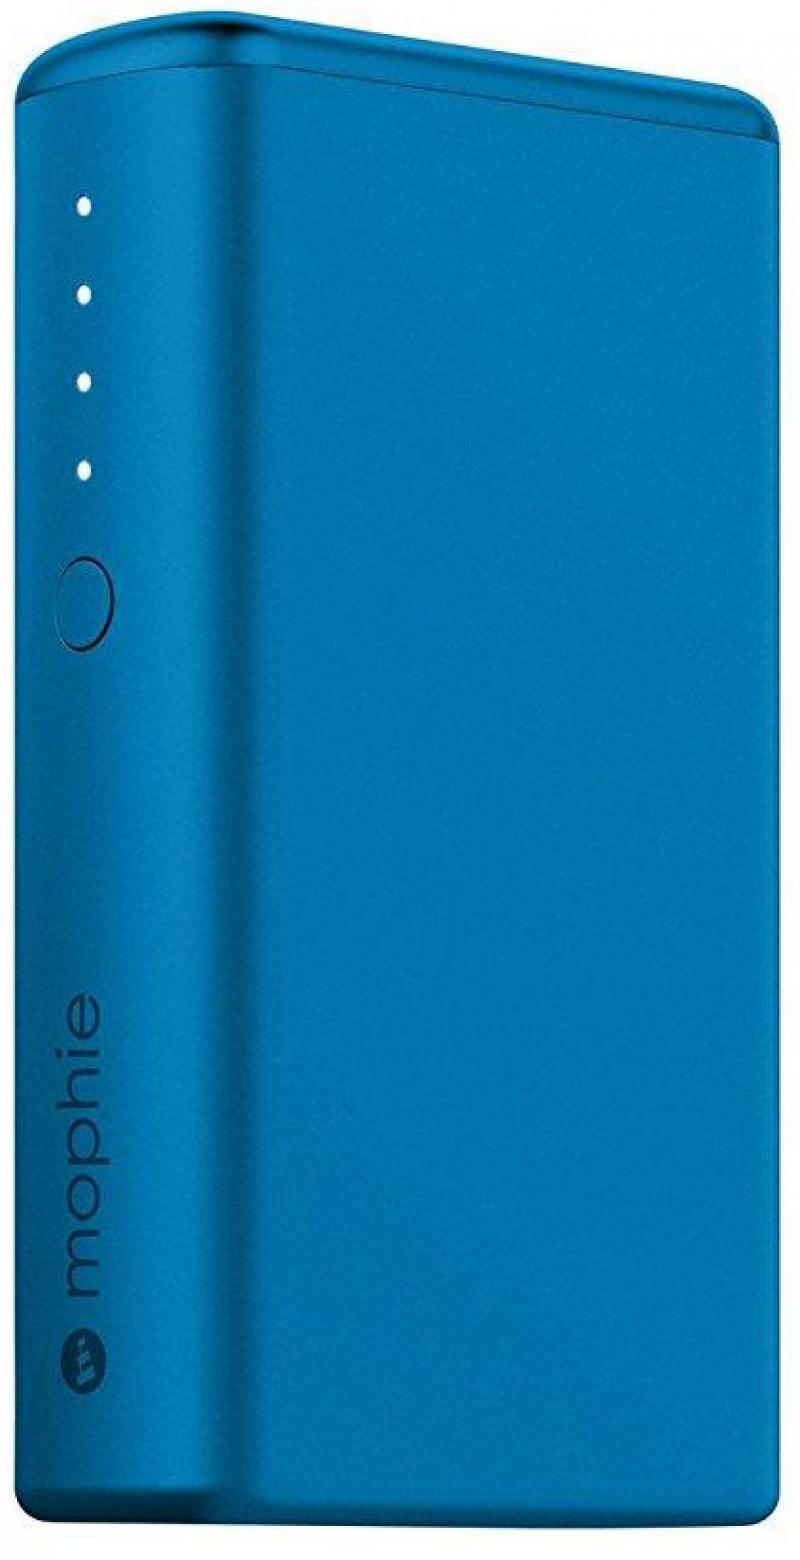 Портативное зарядное устройство Mophie Power Boost 5200мАч синий 3522